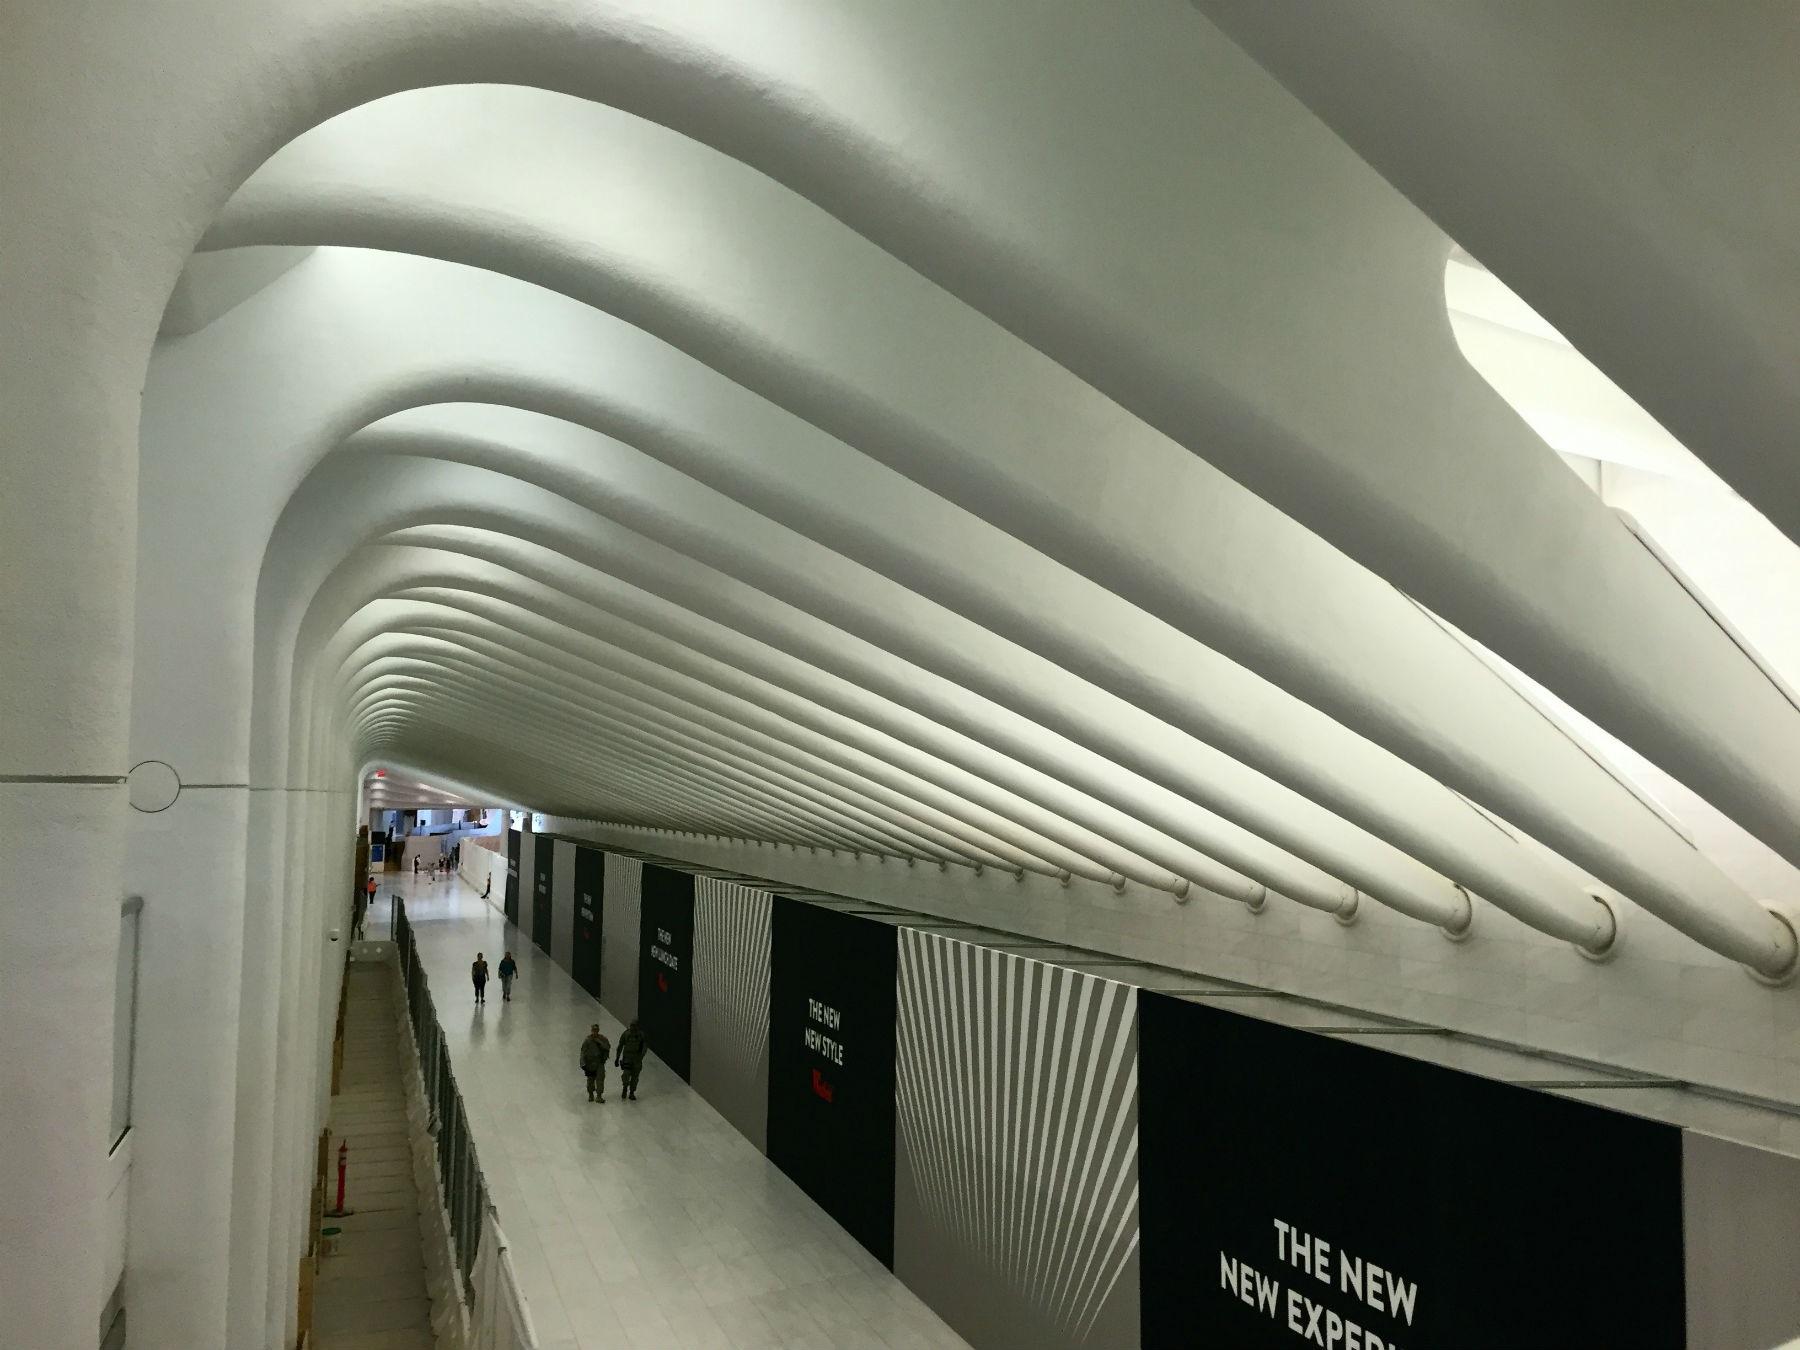 O interior de um dos acessos ao novo hub de transporte de Lower Manhattan, projetado por Santiago Calatrava. Foto de Carla Lencastre